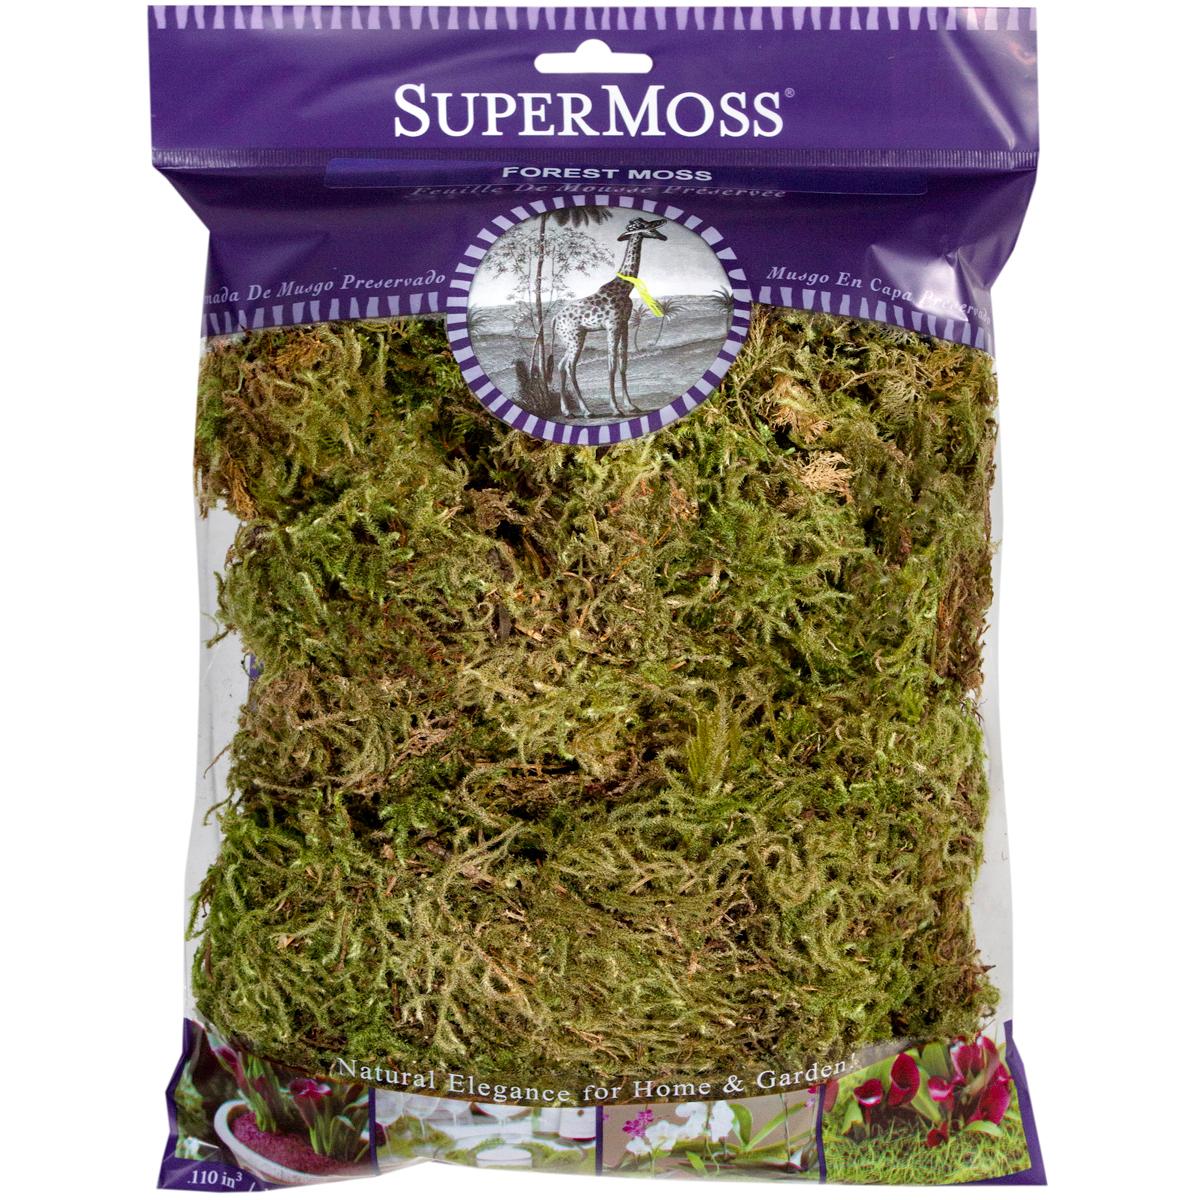 Super Moss Forest Moss Dried 4oz-